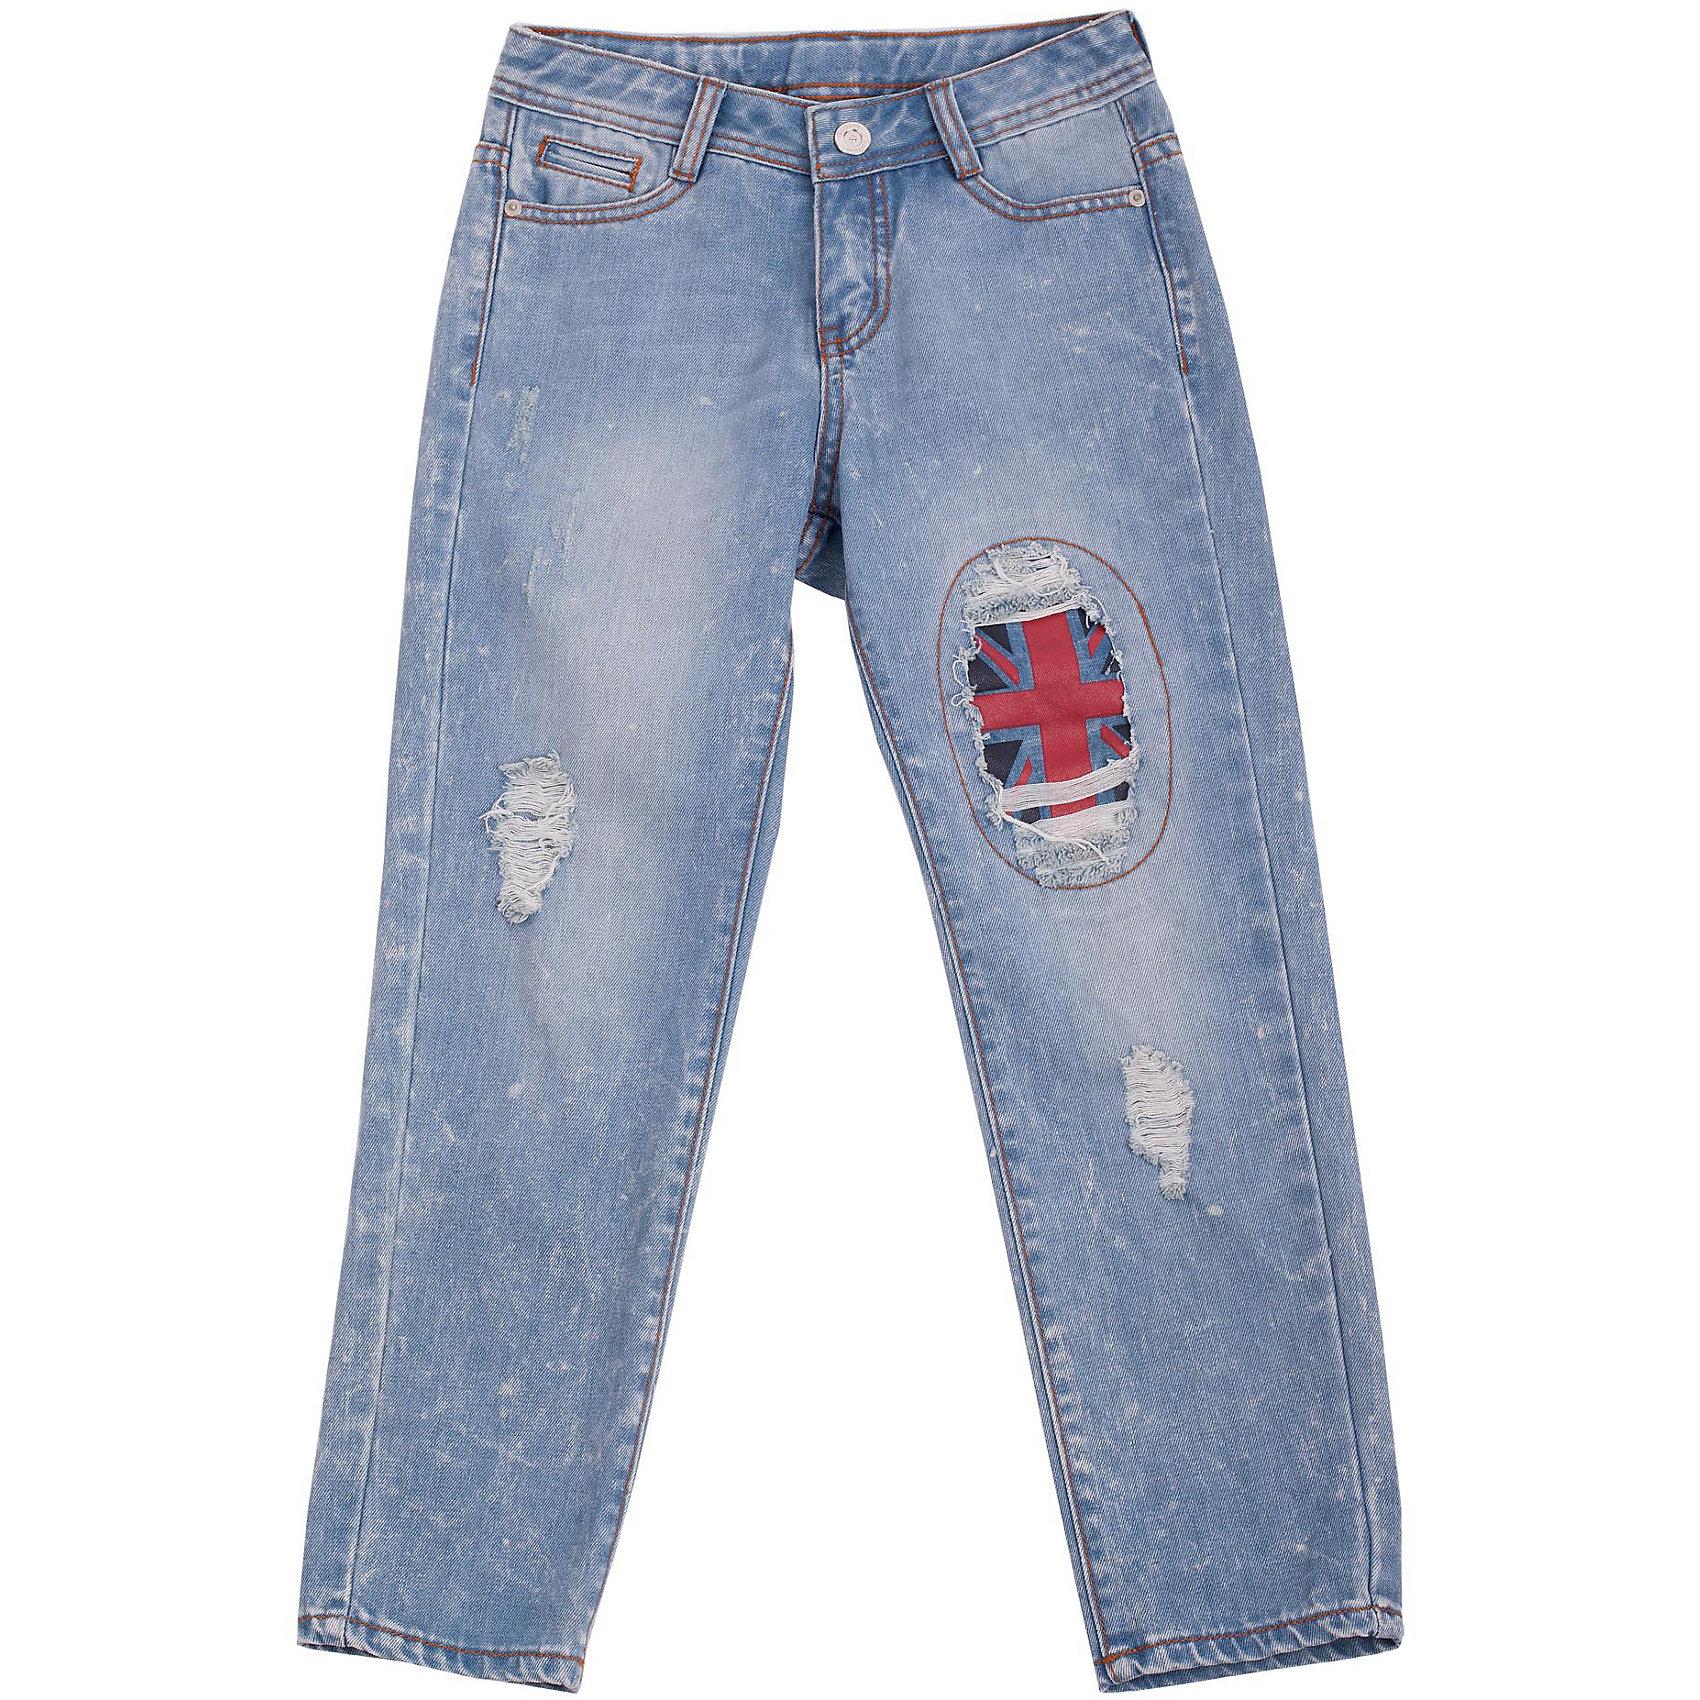 Джинсы для девочки GulliverДжинсовая одежда<br>Школьный сезон позади и пора составлять летний гардероб ребенка. Джинсы бойфренд для девочки - вещь совершенно необходимая! Они подарят 100% комфорт и сделают образ актуальным и свежим. Джинсы бойфренд с эффектными декоративными заплатками будут лучшим подарком для девочки-модницы. Если вы решили купить джинсы, остановите свой выбор на этой модели! Хит сезона Весна/Лето 2016 джинсы бойфренд с интересными повреждениями - лучший выбор для стильных детей современных родителей!<br>Состав:<br>100% хлопок<br><br>Ширина мм: 215<br>Глубина мм: 88<br>Высота мм: 191<br>Вес г: 336<br>Цвет: голубой<br>Возраст от месяцев: 108<br>Возраст до месяцев: 120<br>Пол: Женский<br>Возраст: Детский<br>Размер: 140,134,128,122<br>SKU: 4534892